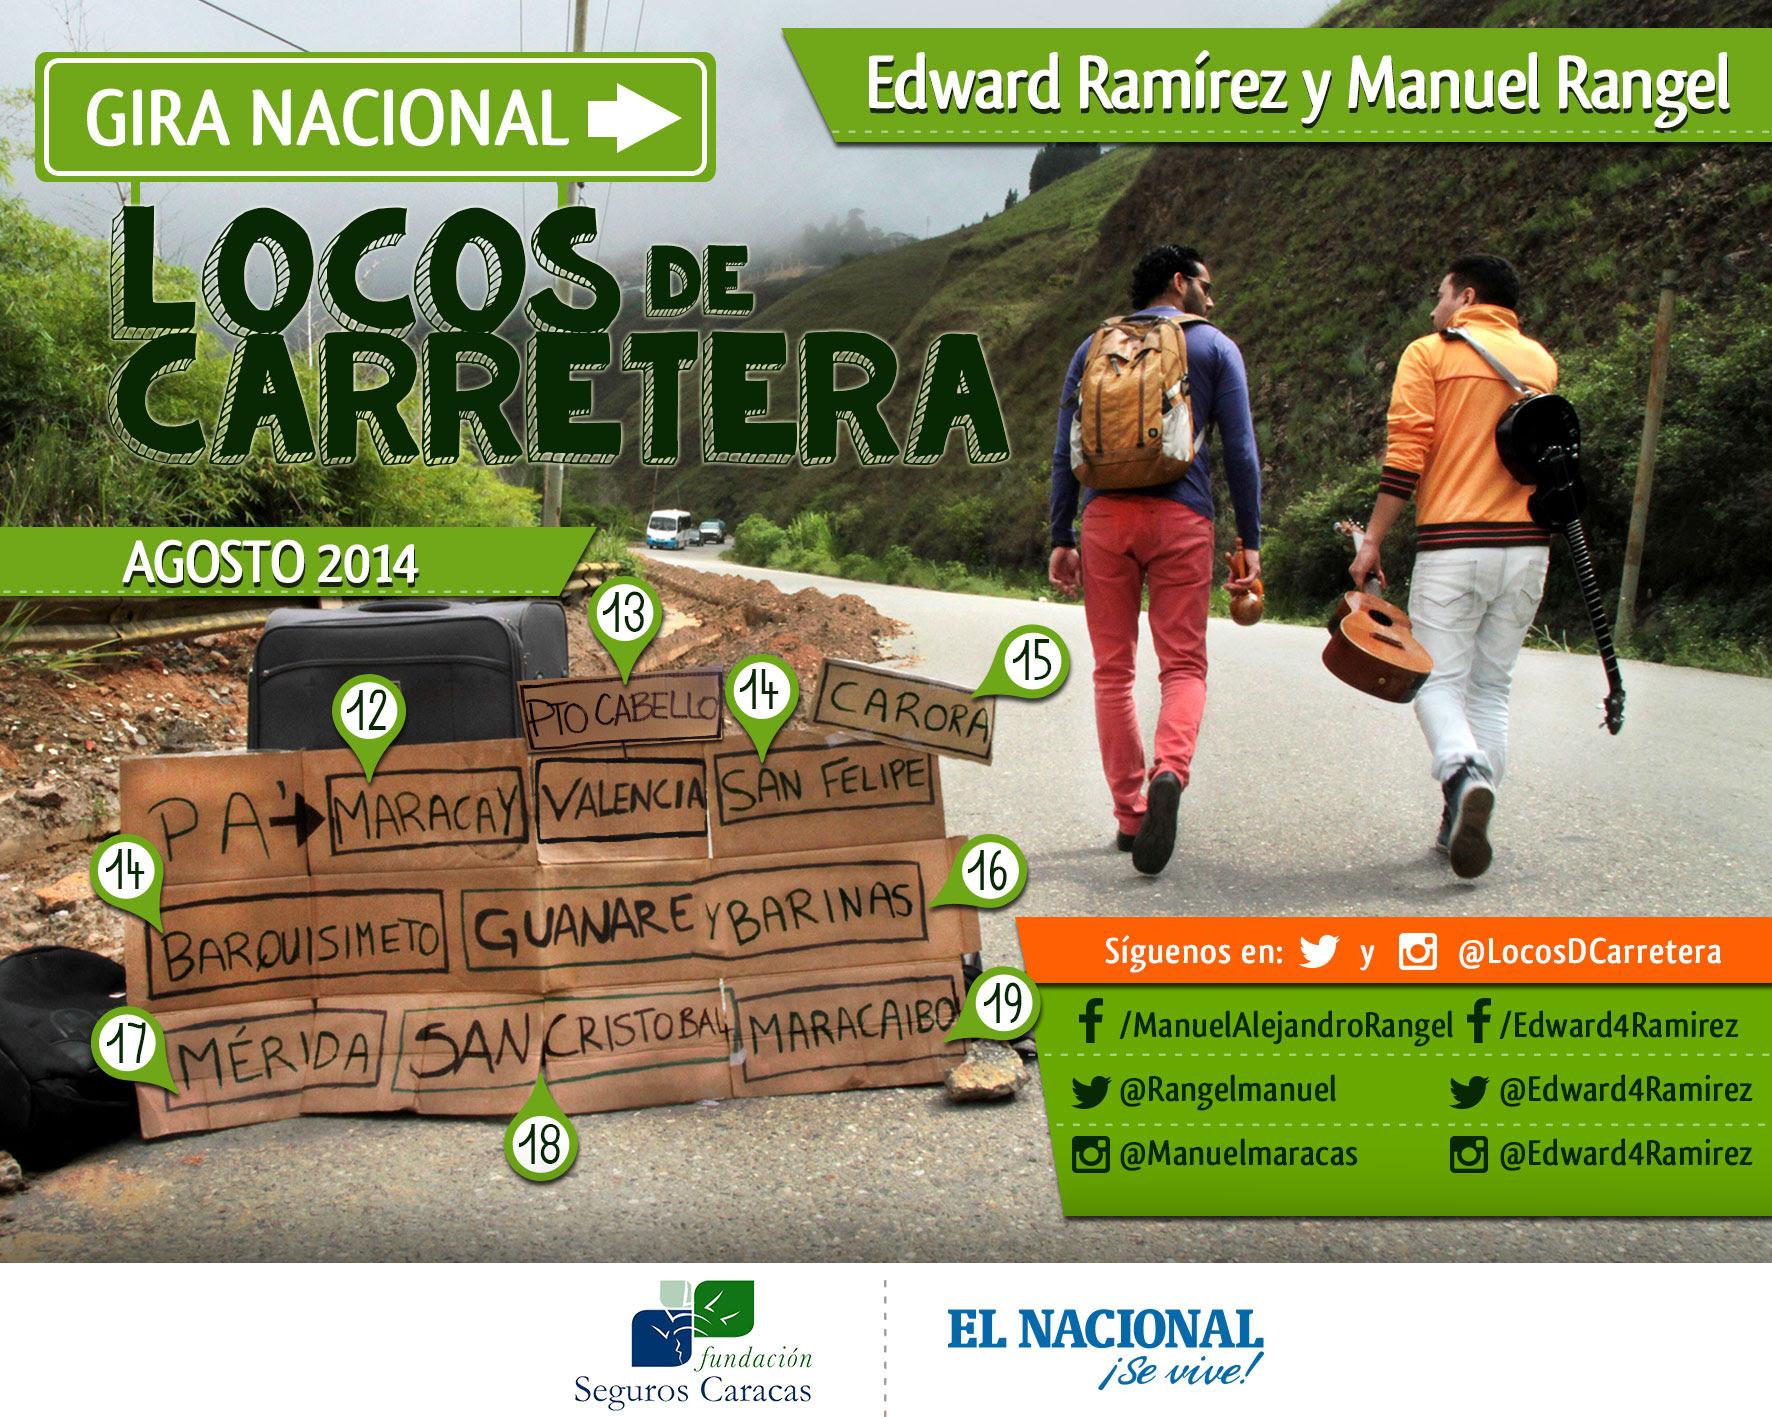 Edward Ramírez y Manuel Rangel: Dos Locos de carretera emprenden una aventura musical sin precedentes